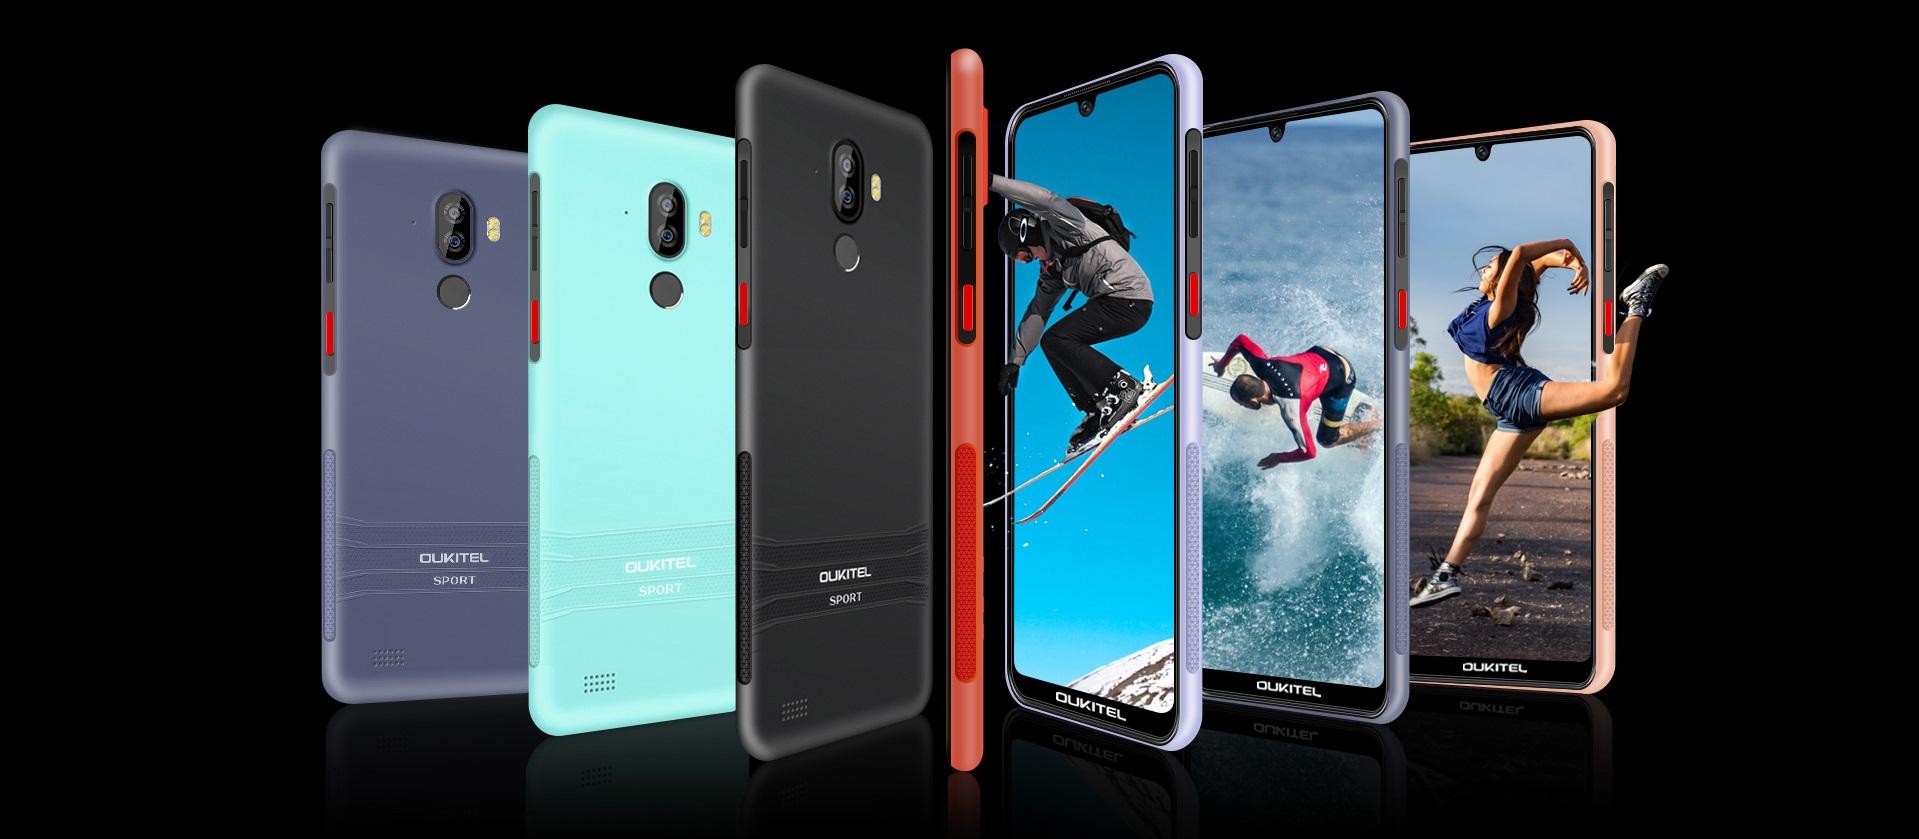 smartfon Oukitel Y1000